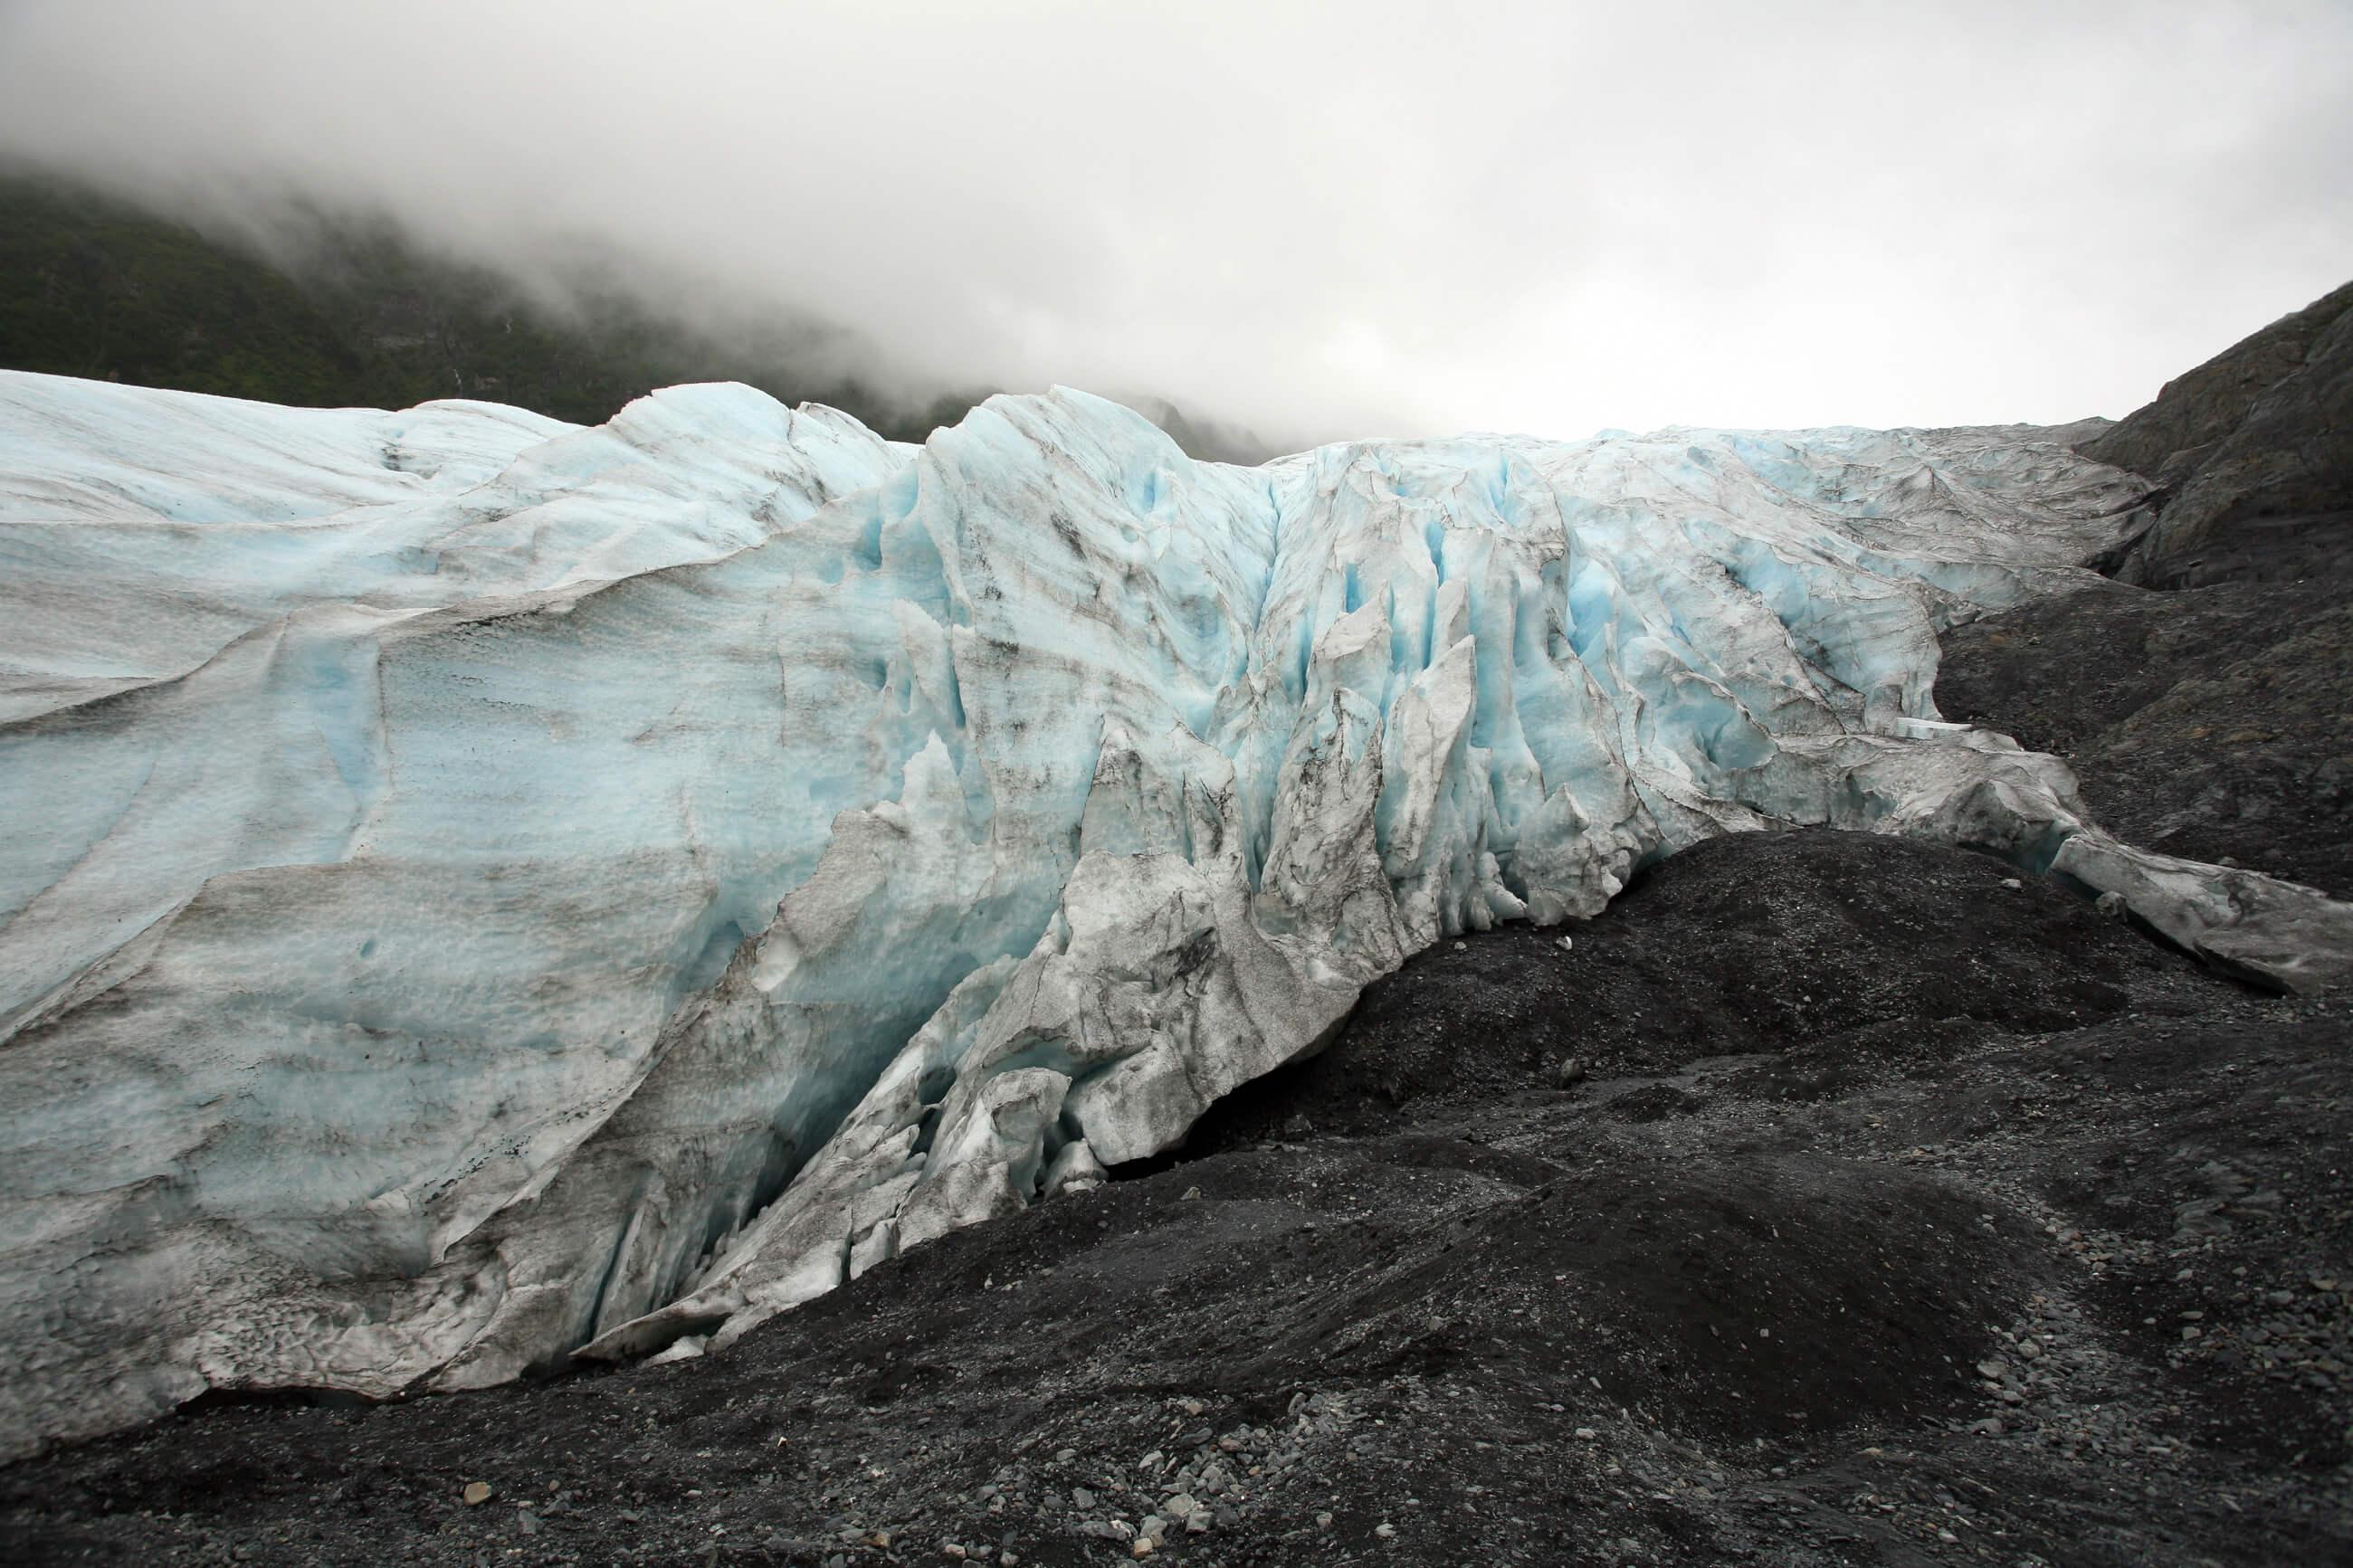 https://bubo.sk/uploads/galleries/16052/aljaska_photos_brian_adams_kenai_fjords_national_park_110.jpg-24.jpg